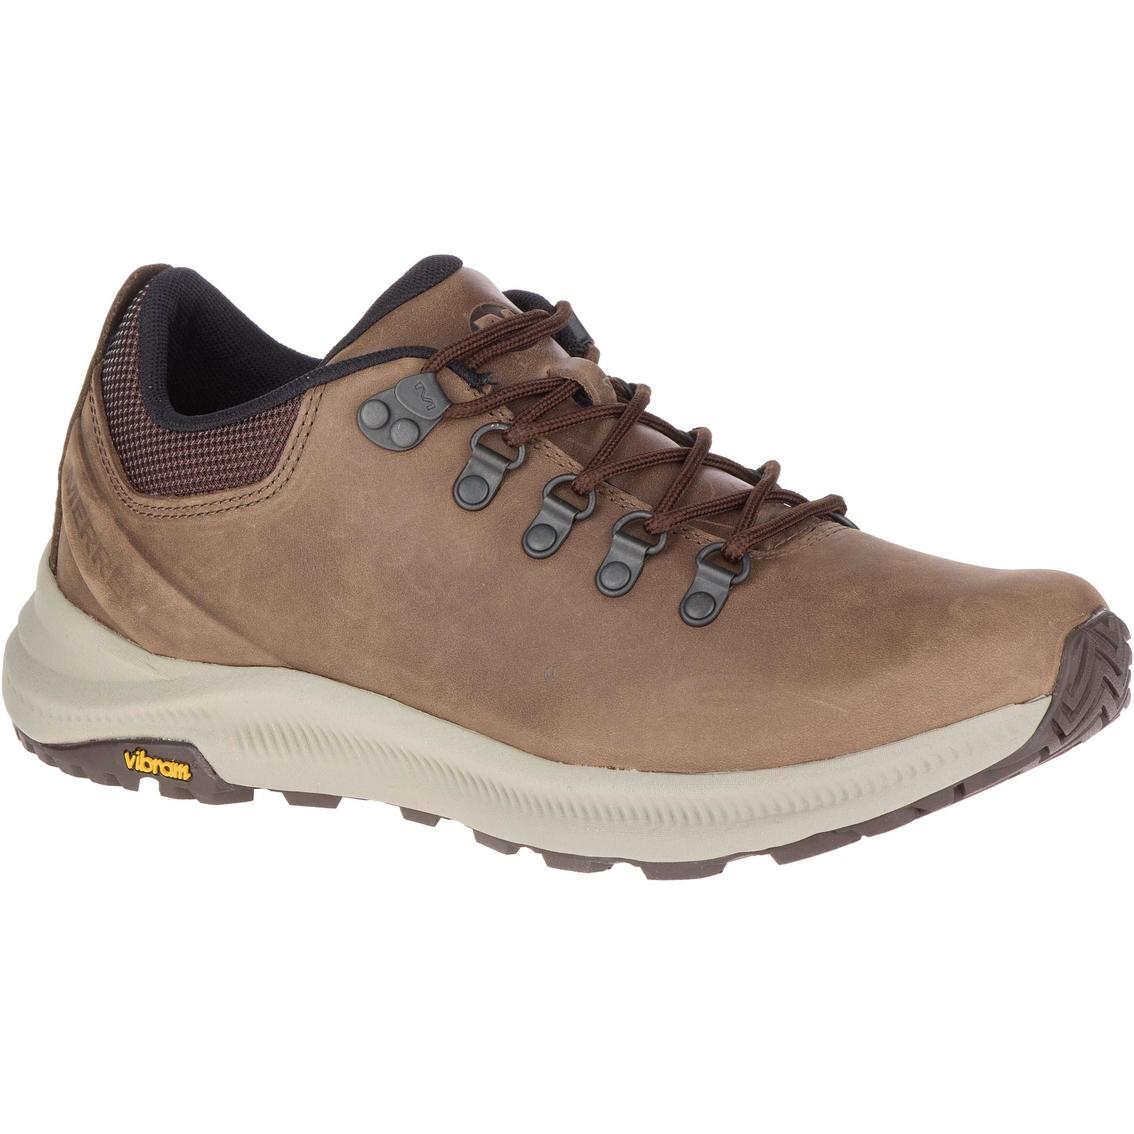 Merrell Men's Ontario Low Hiker Shoes